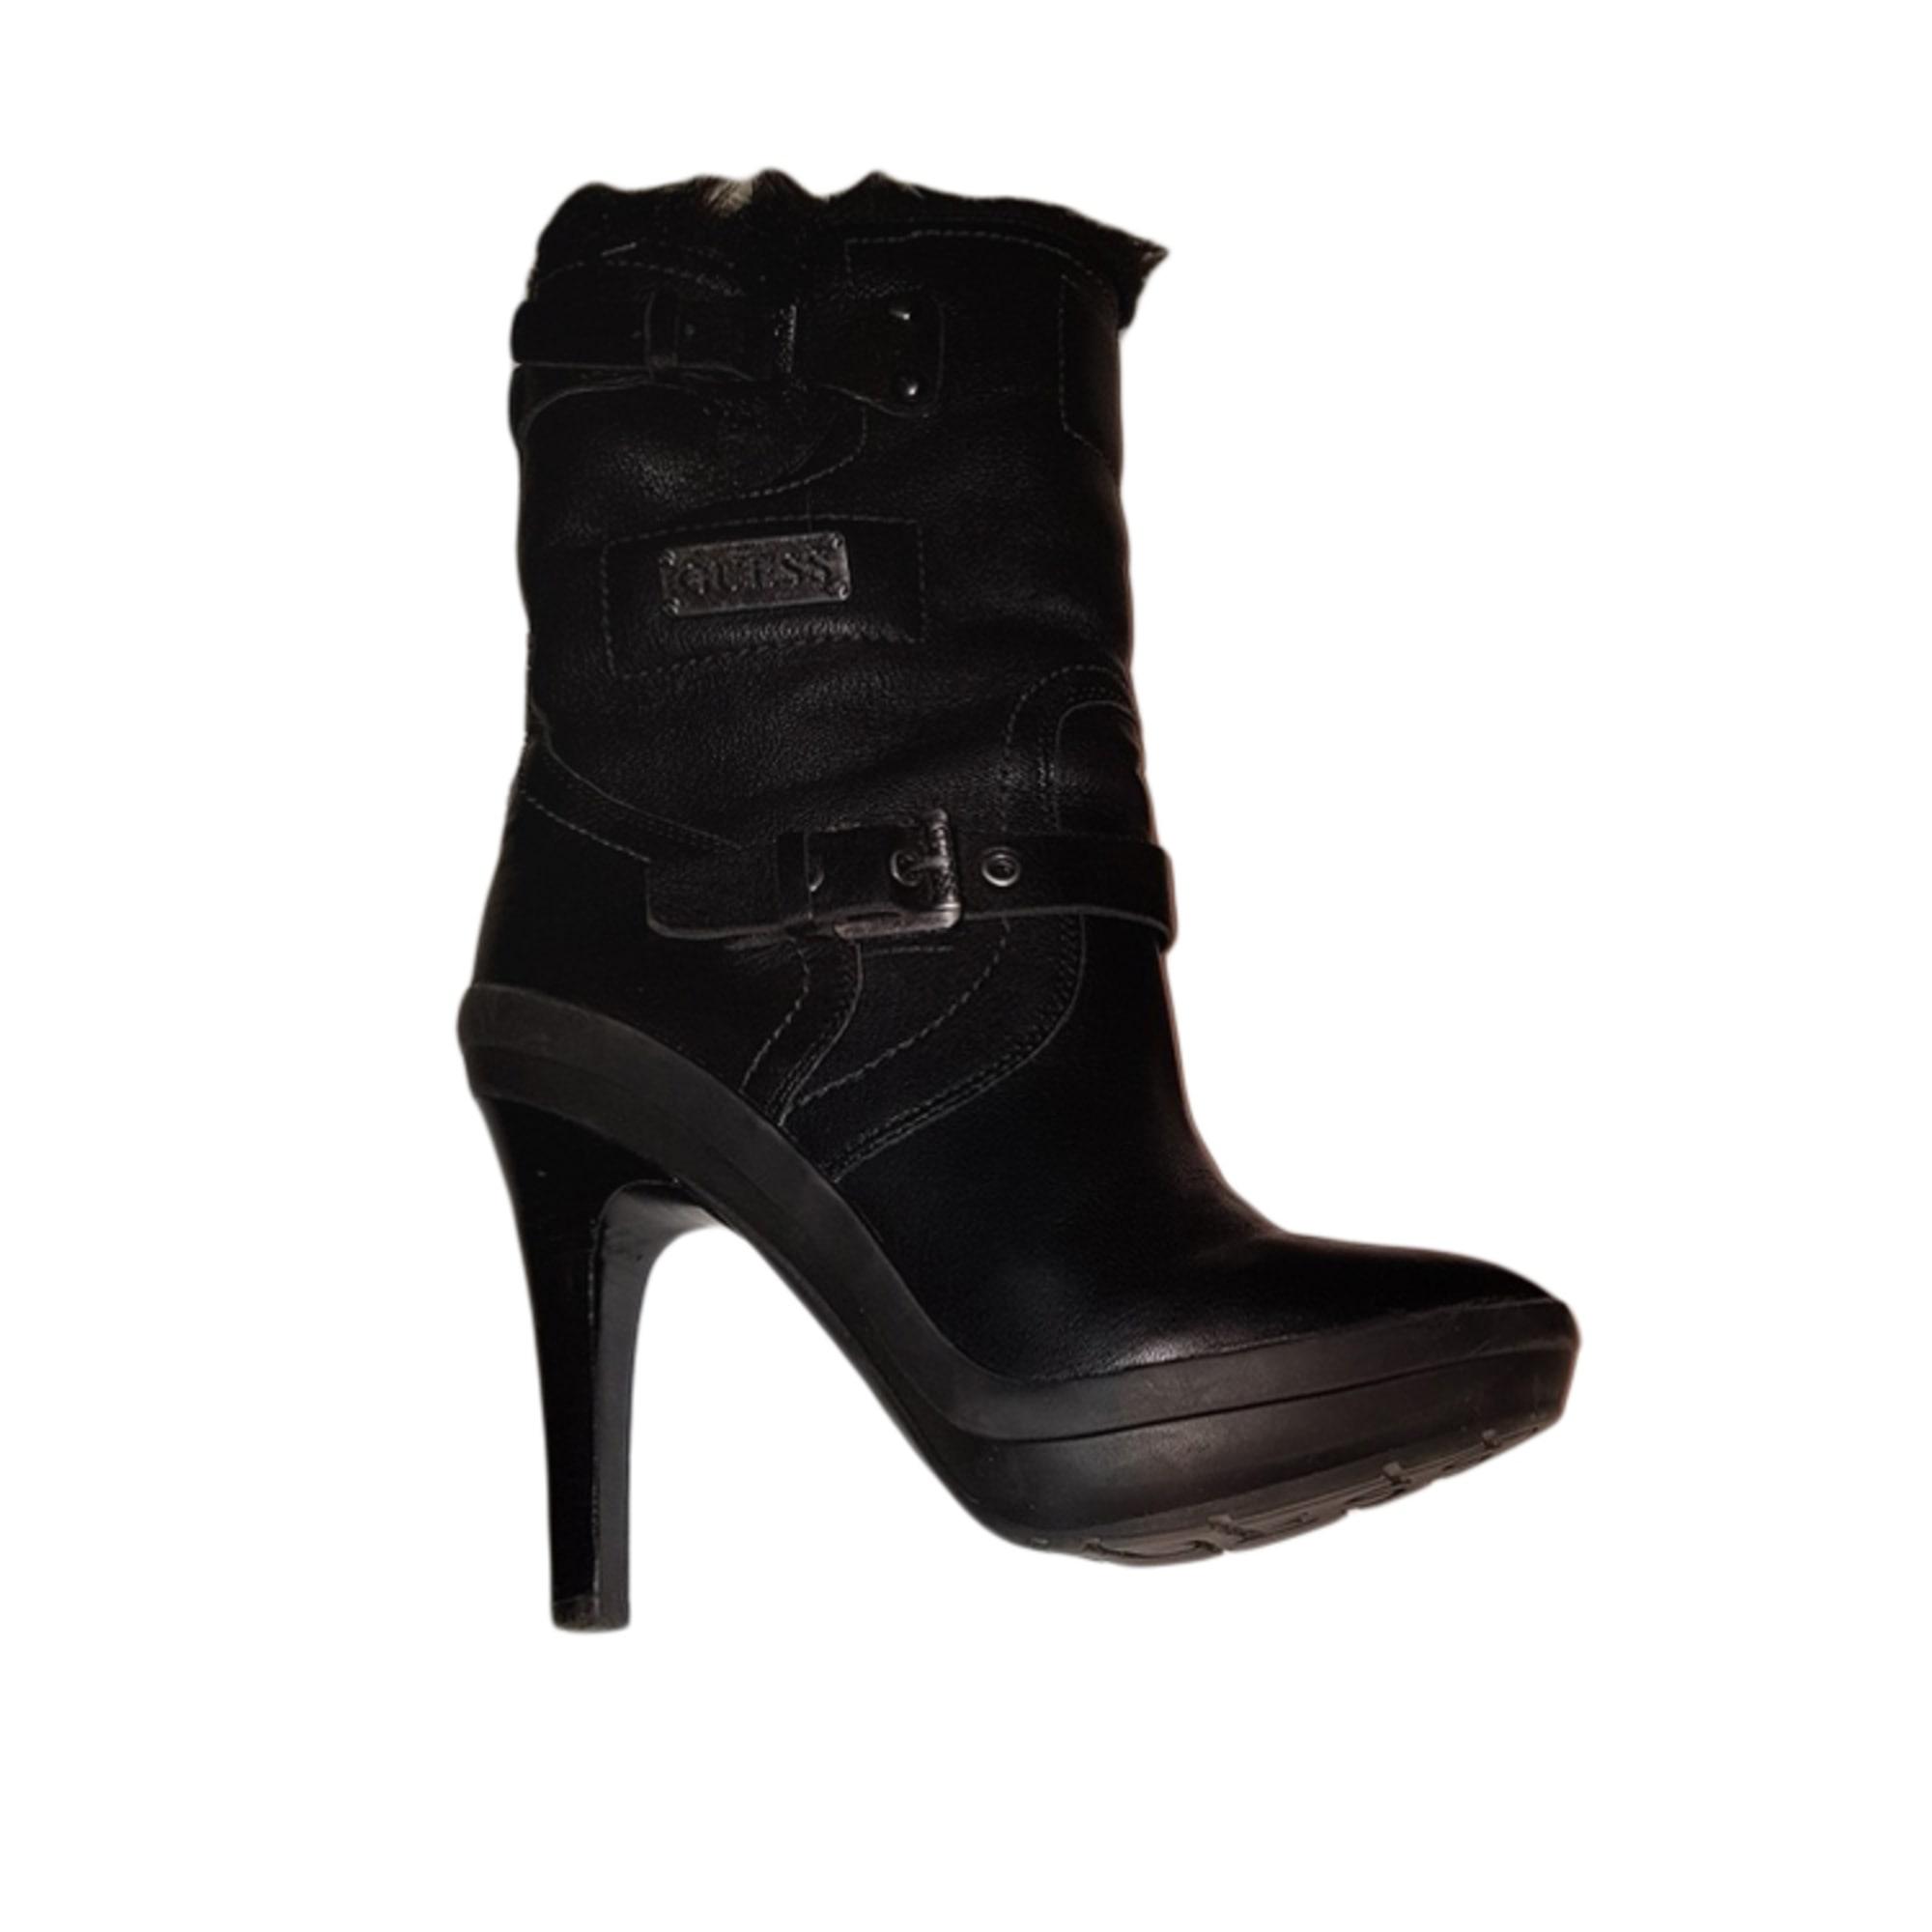 7e495b2056 Bottines & low boots à talons GUESS 39 noir - 6863279